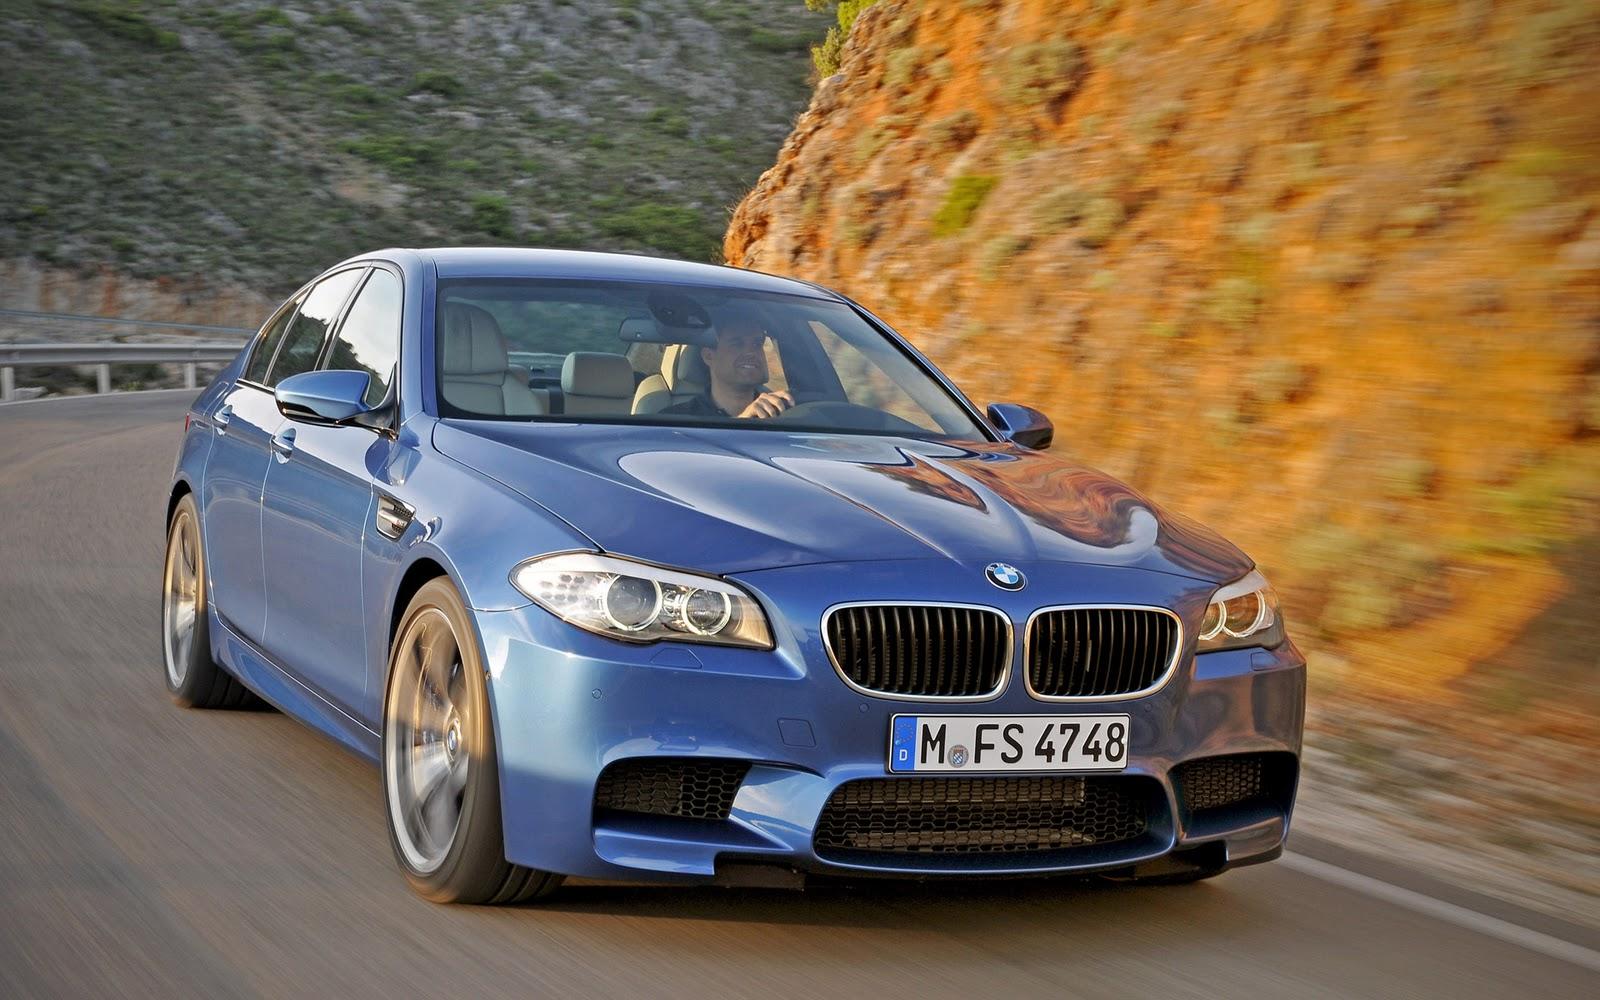 http://1.bp.blogspot.com/-slrWEbdaJlk/TuJTysfPWgI/AAAAAAAABsA/63qZN1PQzbI/s1600/Blue-BMW-M5-F10-Speed_1920x1200_6819.jpg